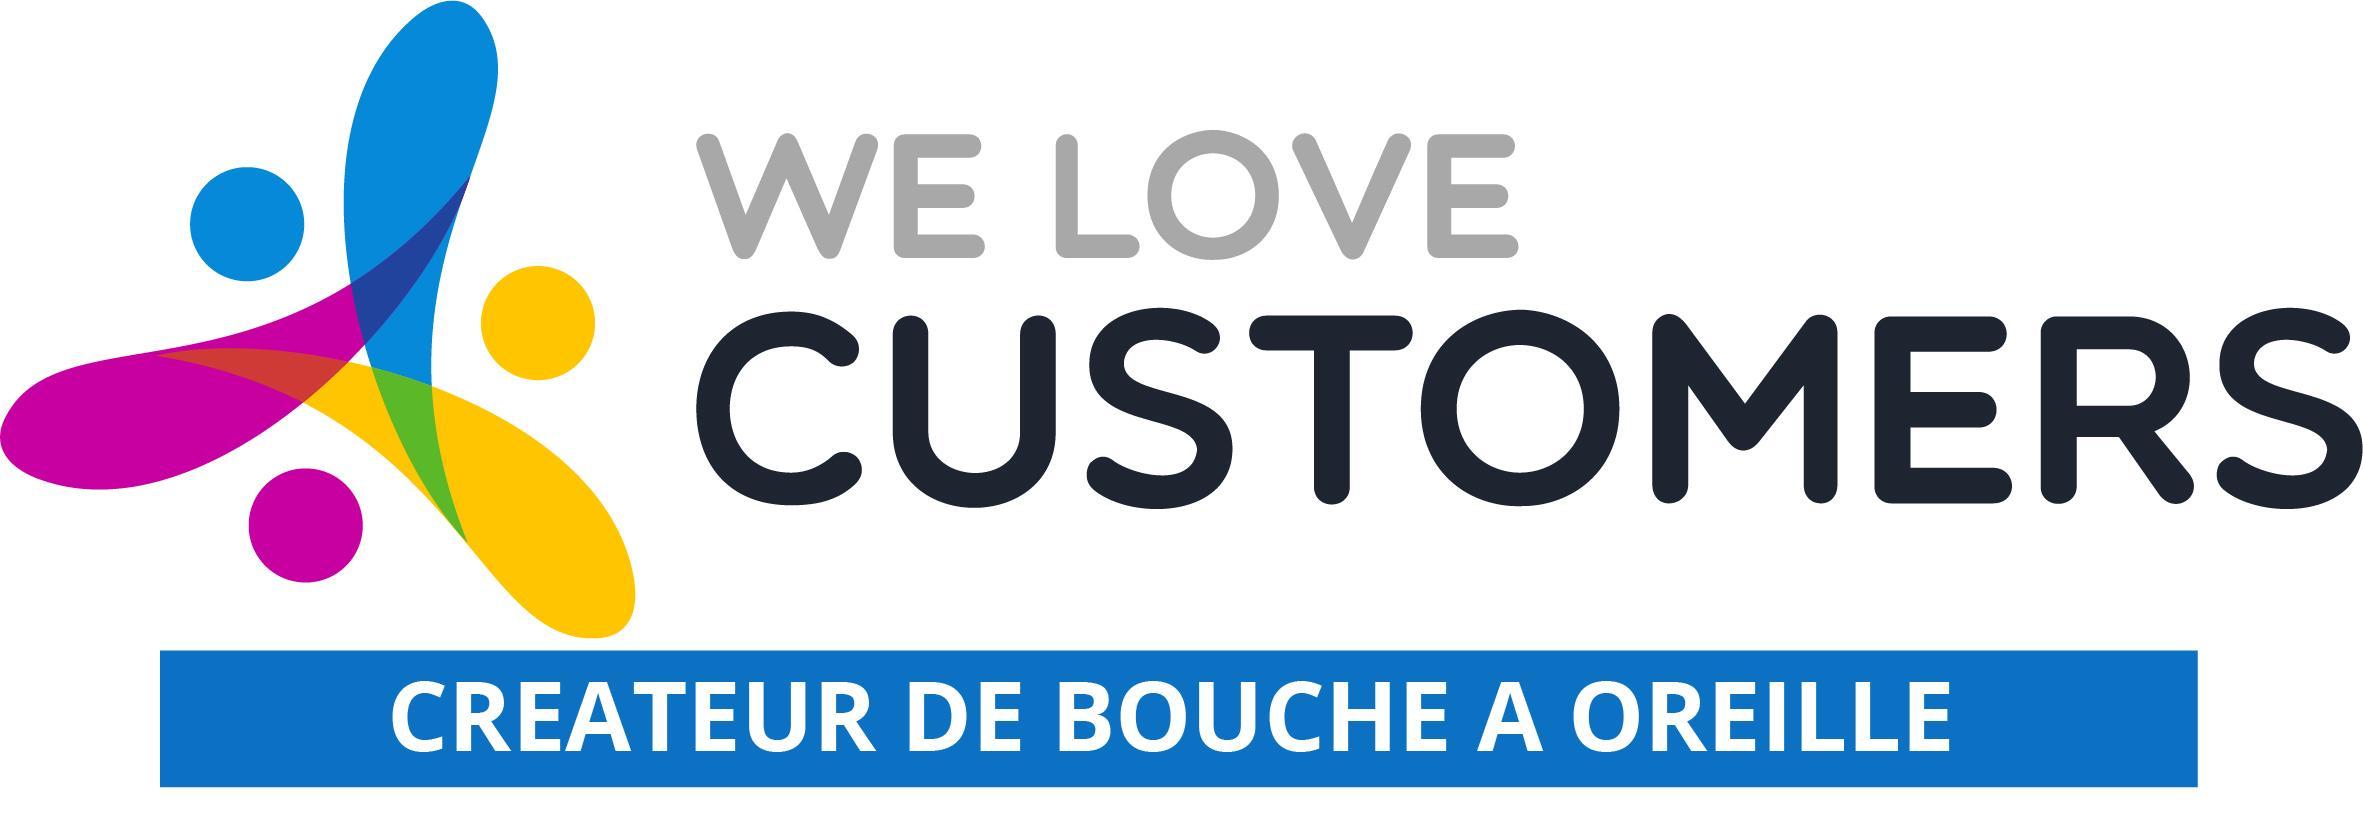 Avis We Love Customers : Développez votre activité grâce au parrainage client - appvizer